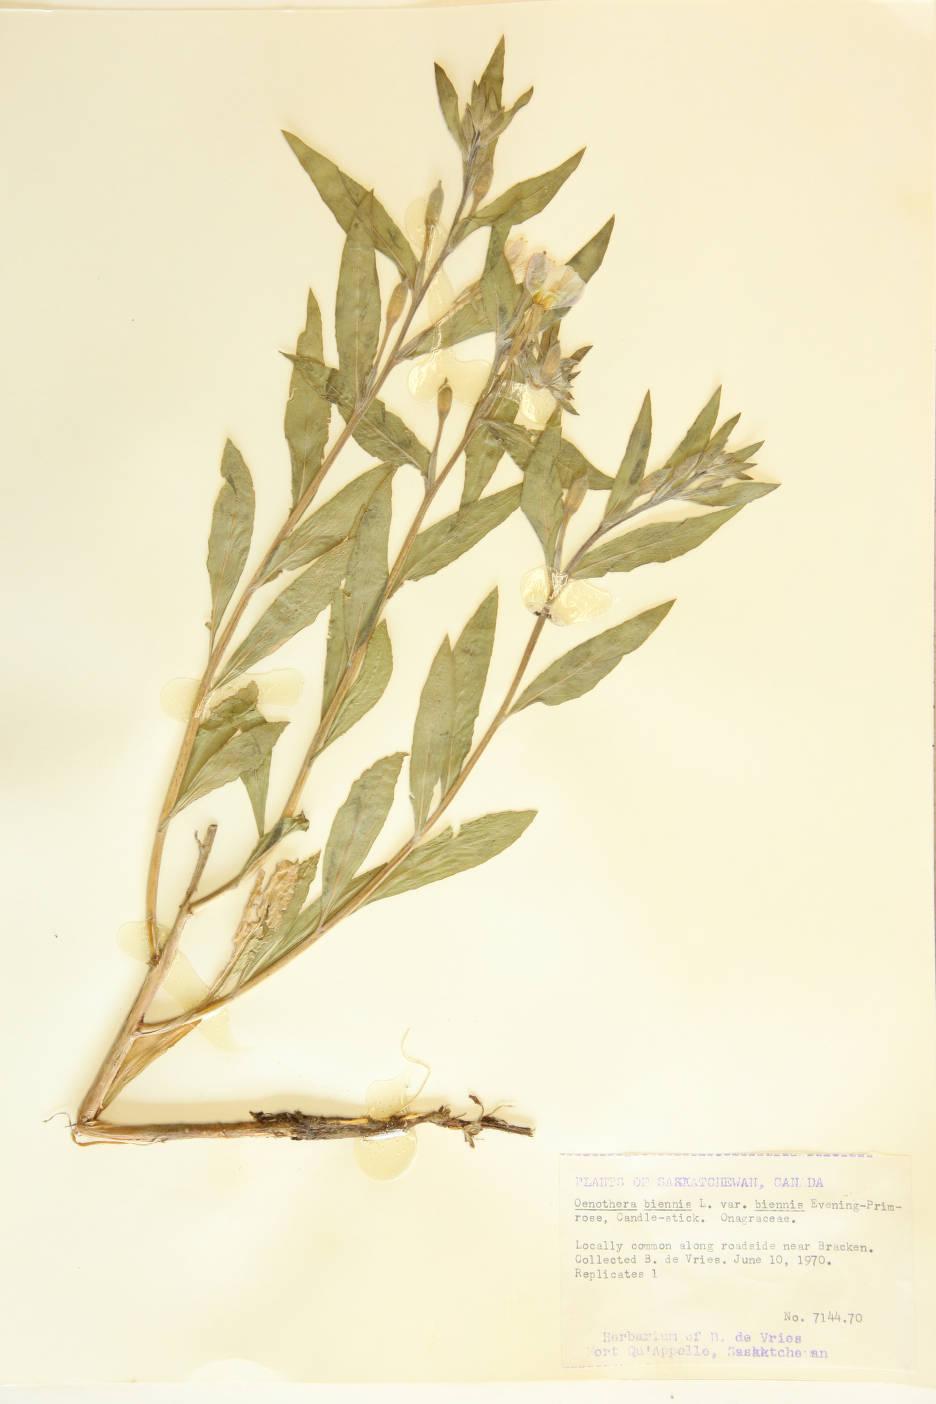 Oenothera biennis var. biennis image